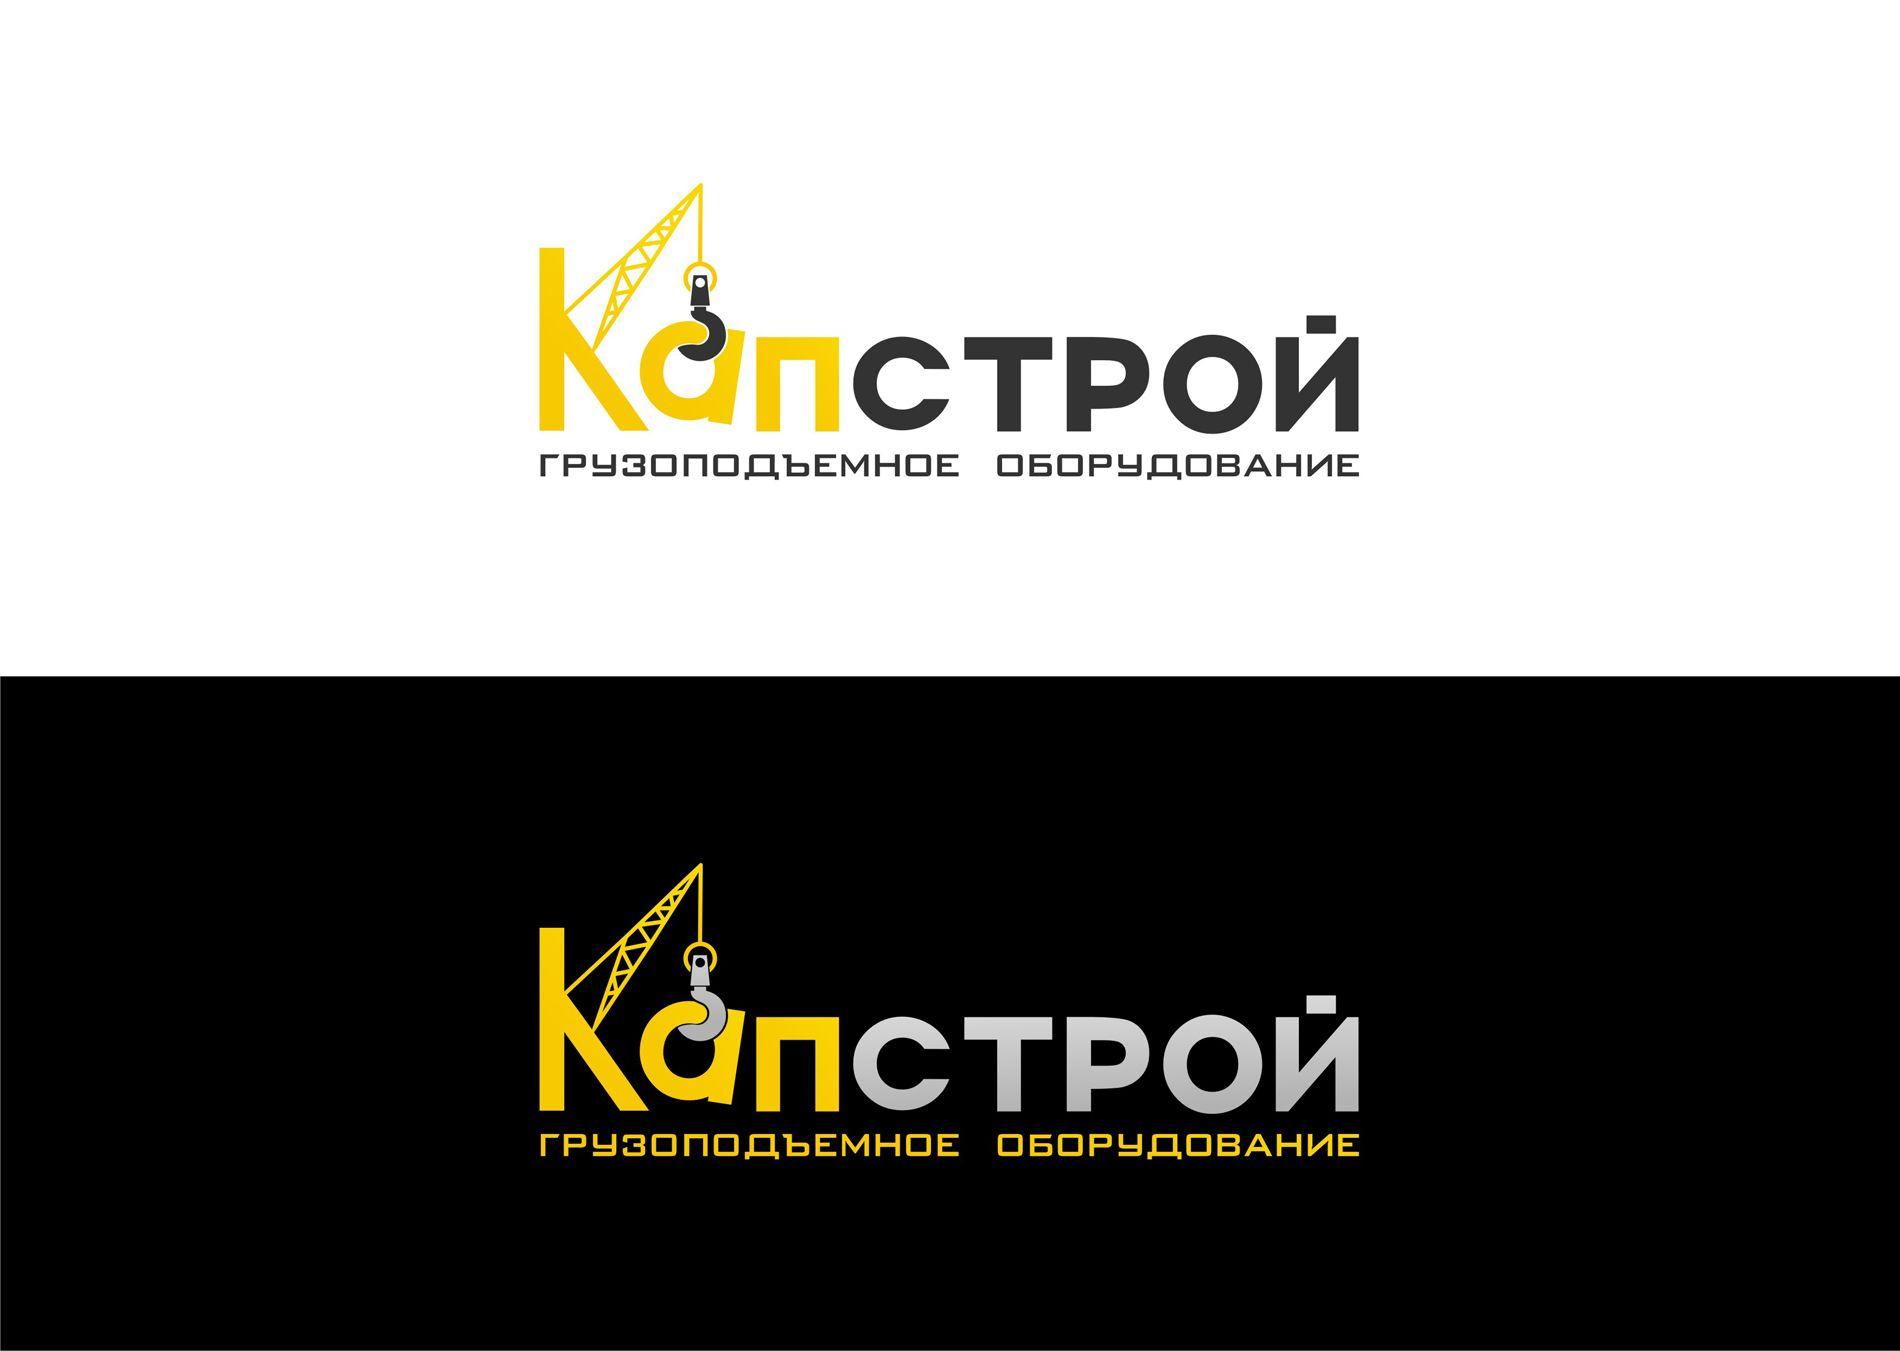 Лого и фирменный стиль для Капстрой  - дизайнер La_persona